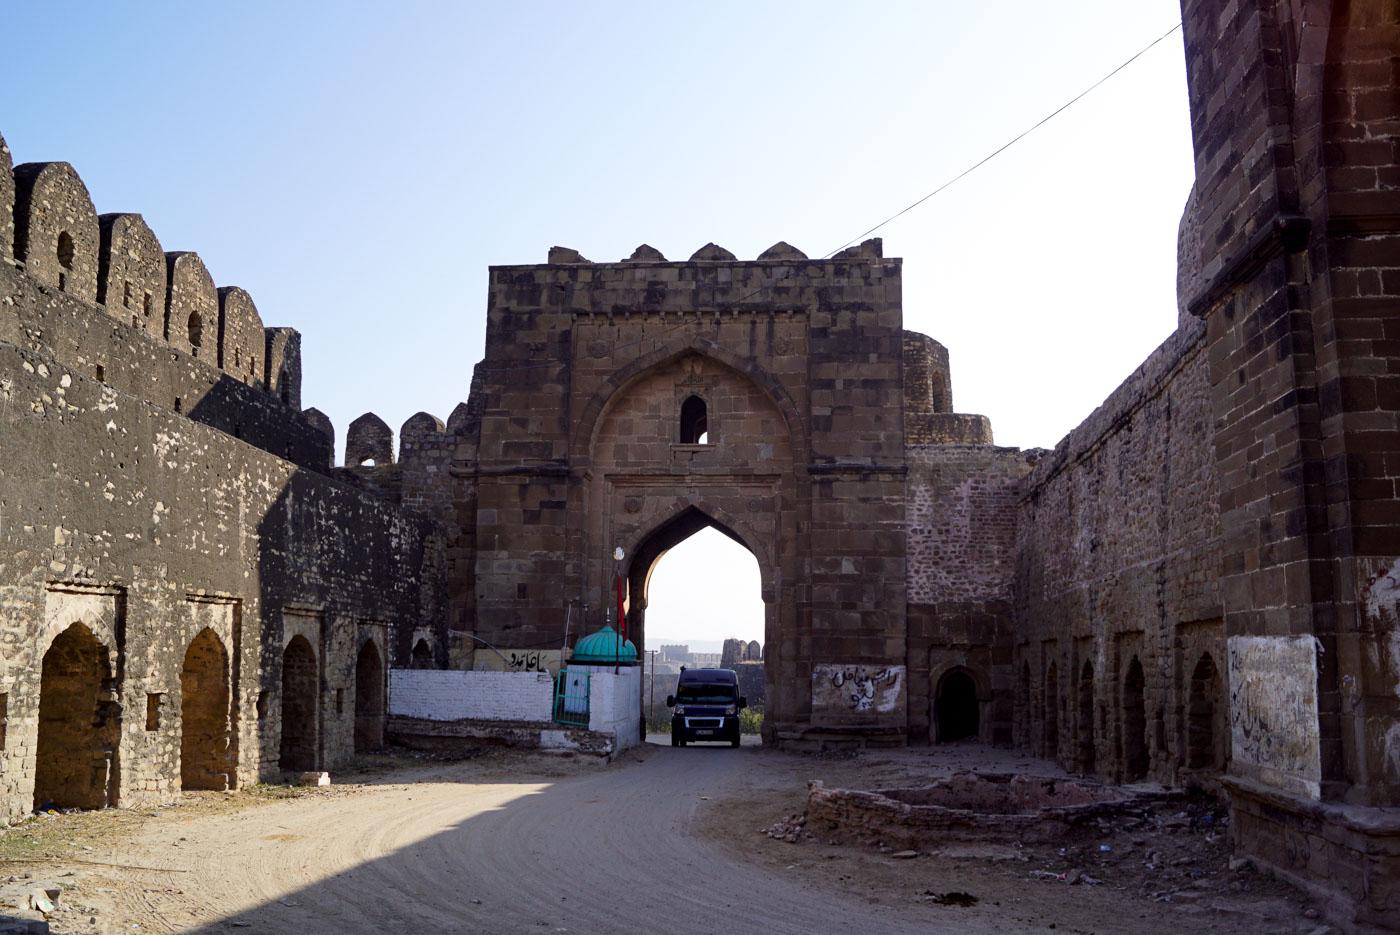 Zu sehen ist wie wir mit dem Auto durch eines der monumentalen Tore des Rohtas Fort fahren.